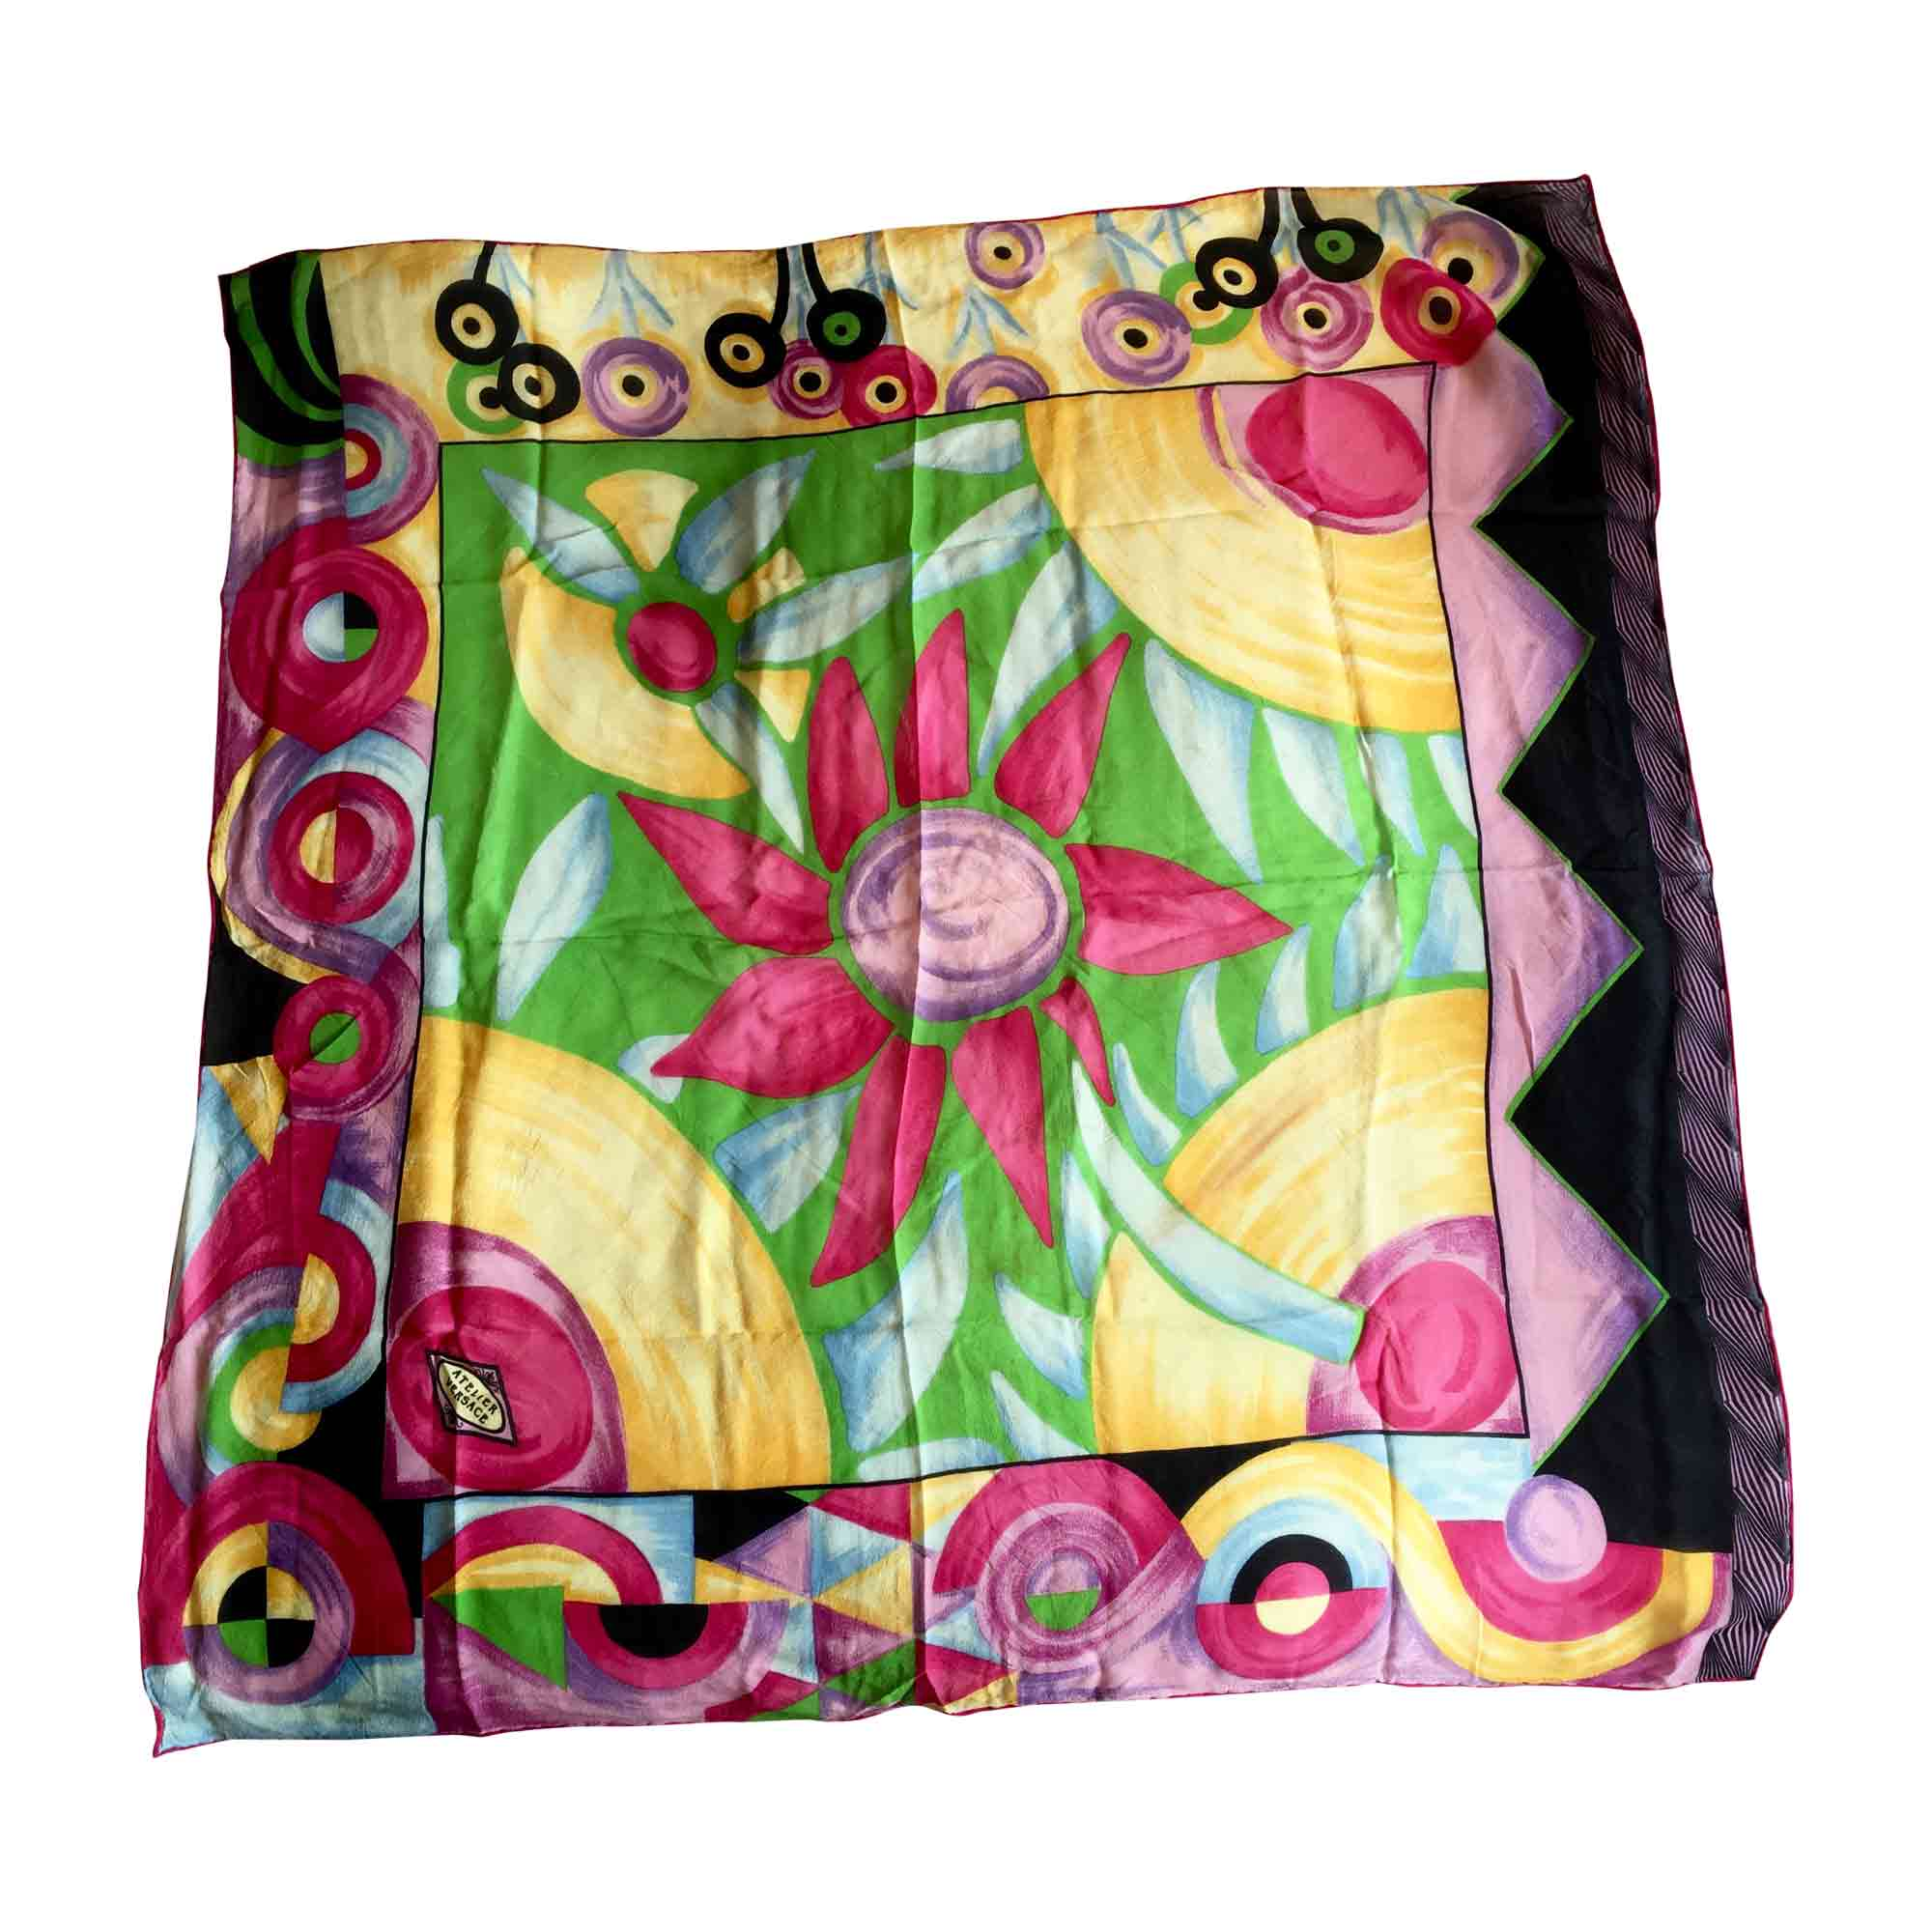 33545001a3d6 Foulard VERSACE noir - rose - vert - jaune - bleu - 6551294